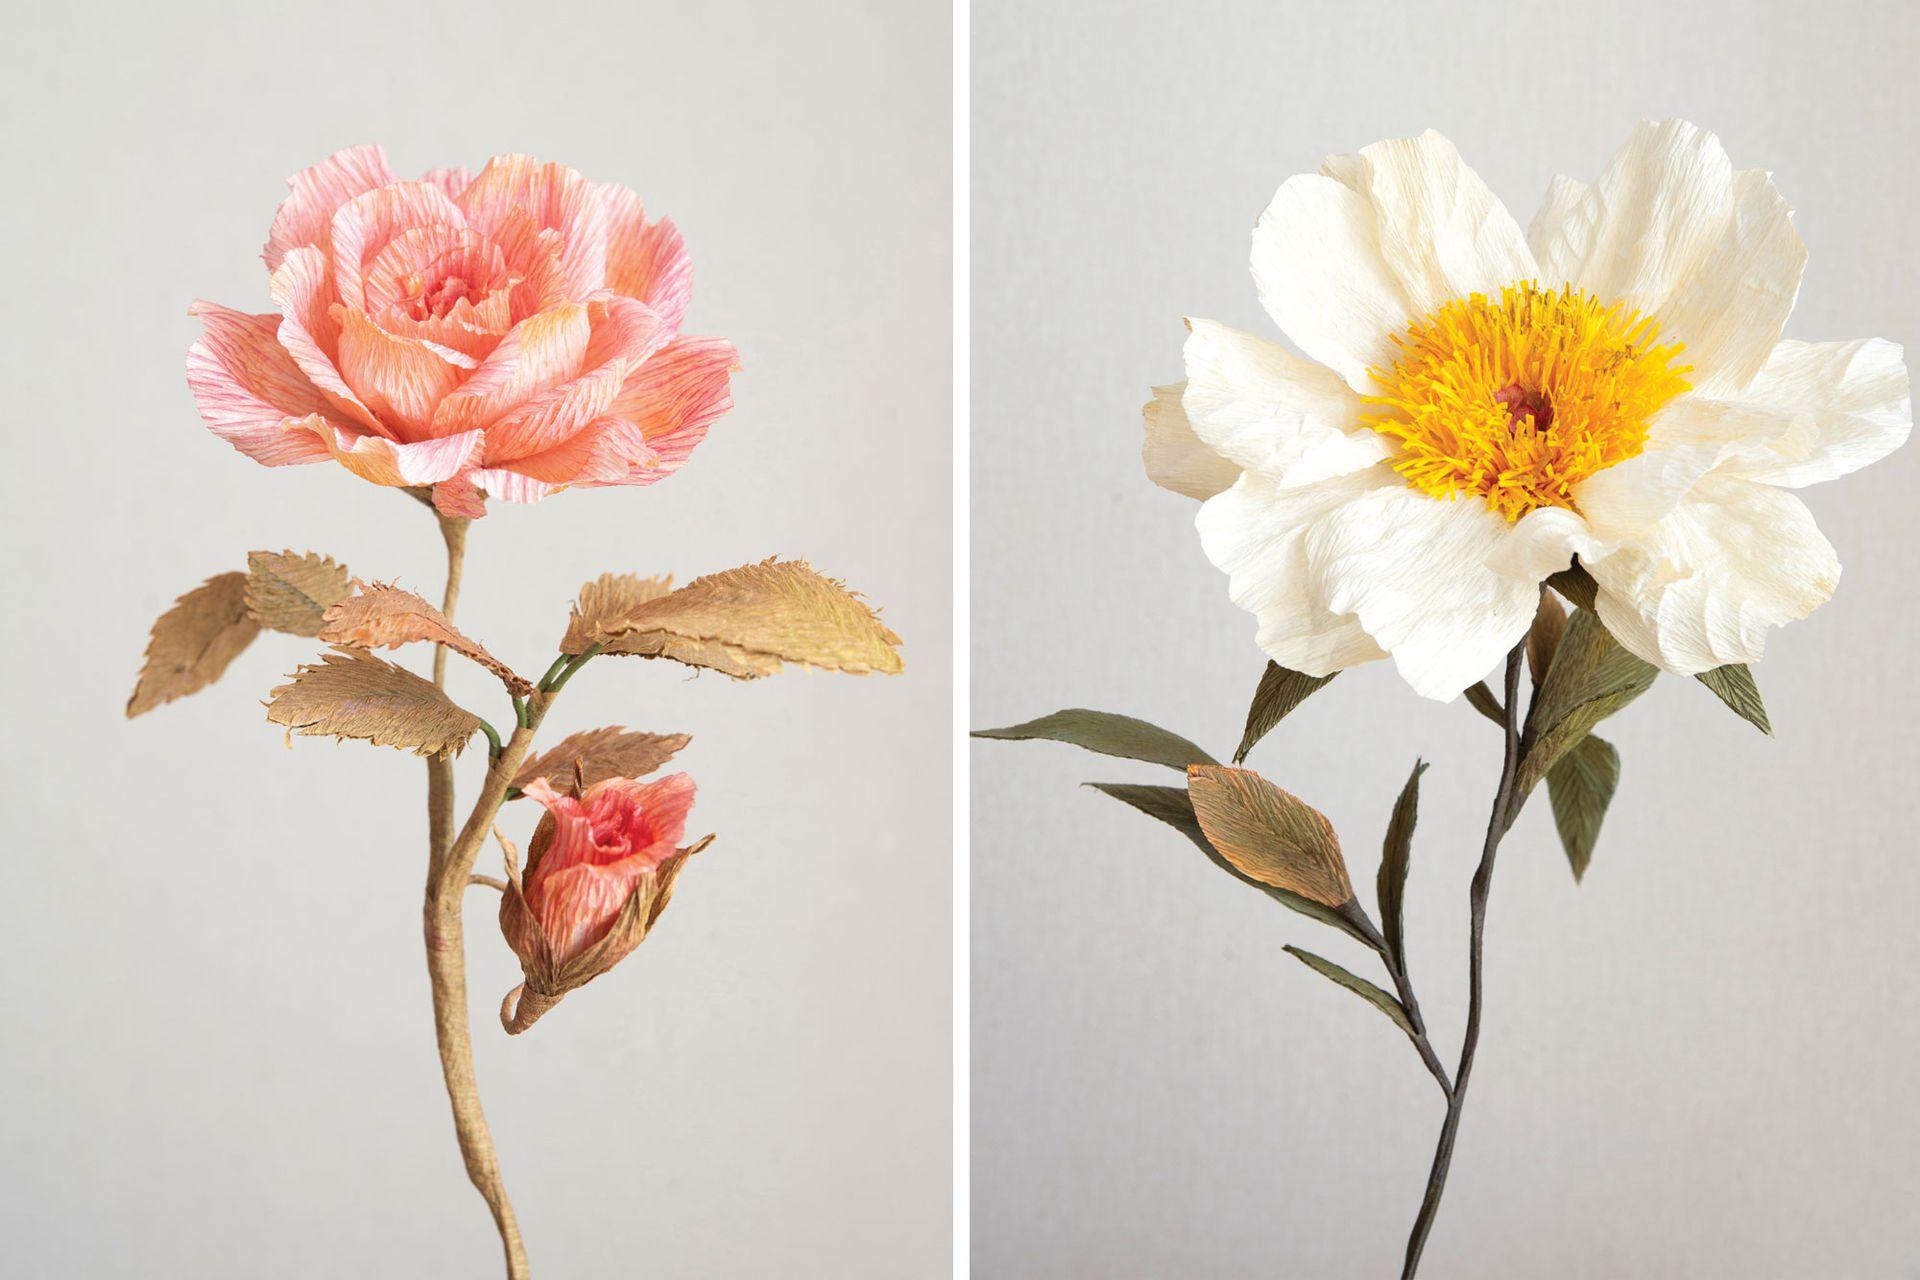 Izquierda: pimpollo de rosa híbrida de té. Derecha: peonía simple.